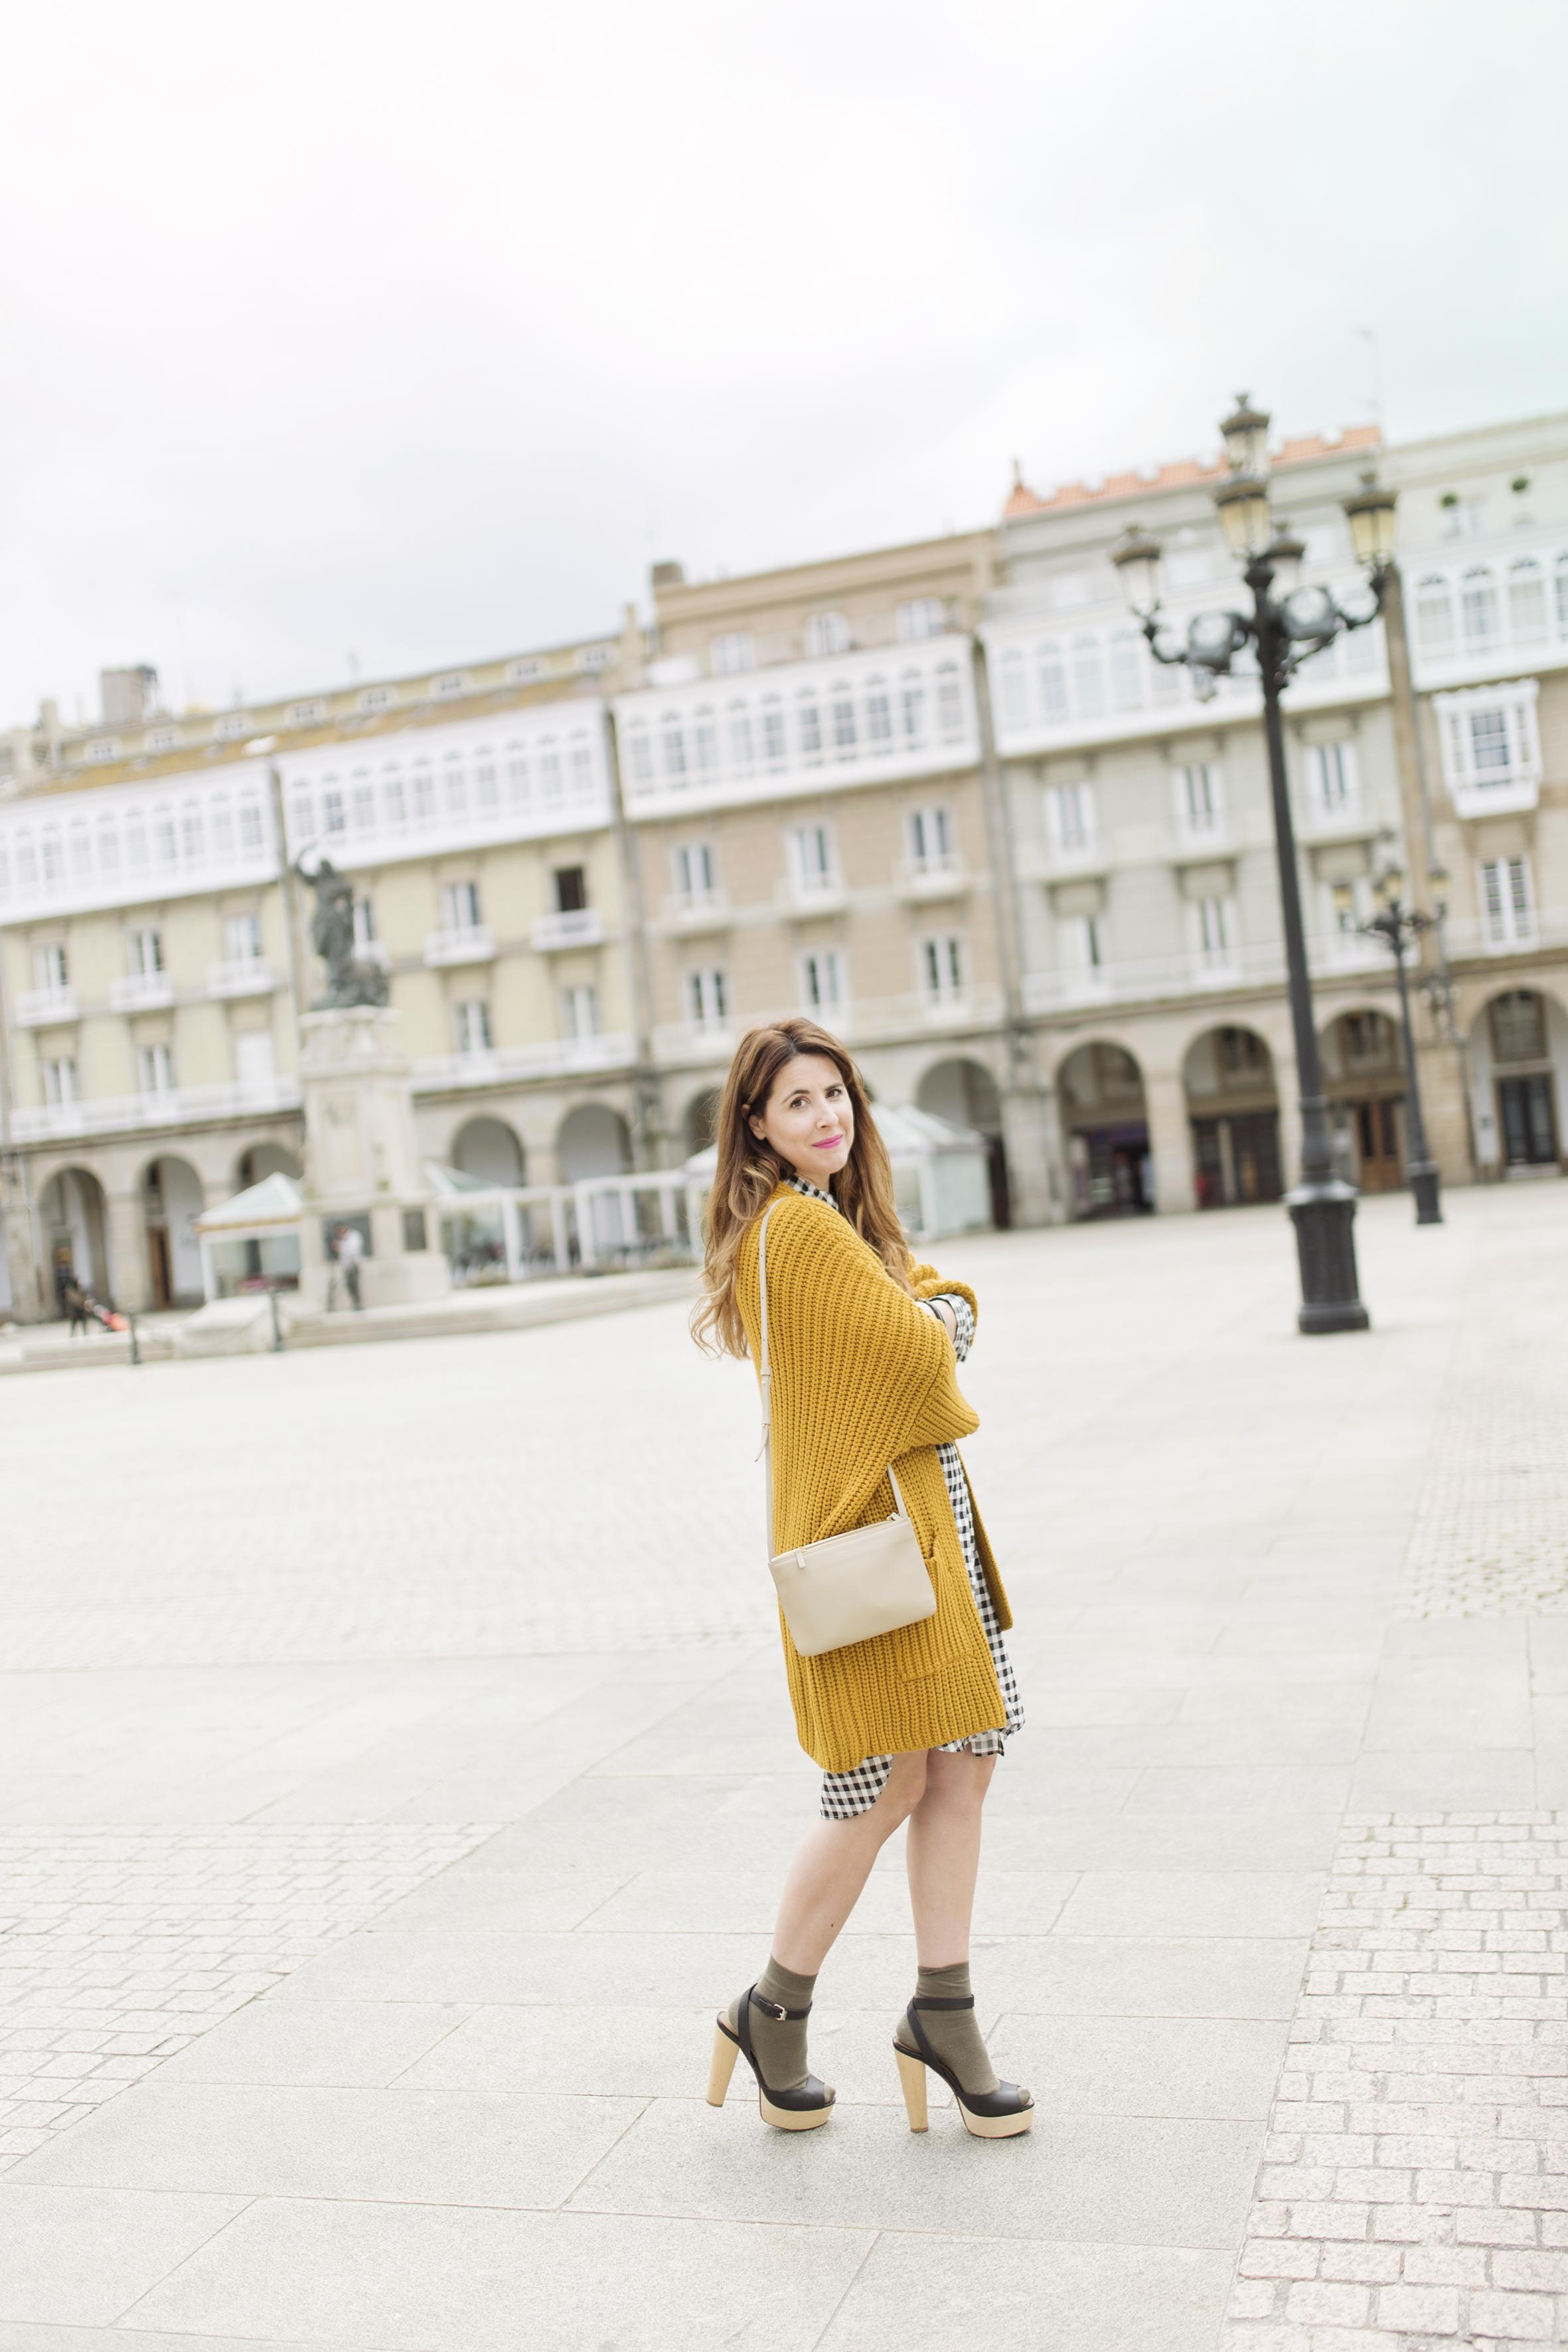 dress shirt- Mango- vestido camisero- cuadros- lifestyle- coruña- streetstyle- blogger -descalzaporelparque